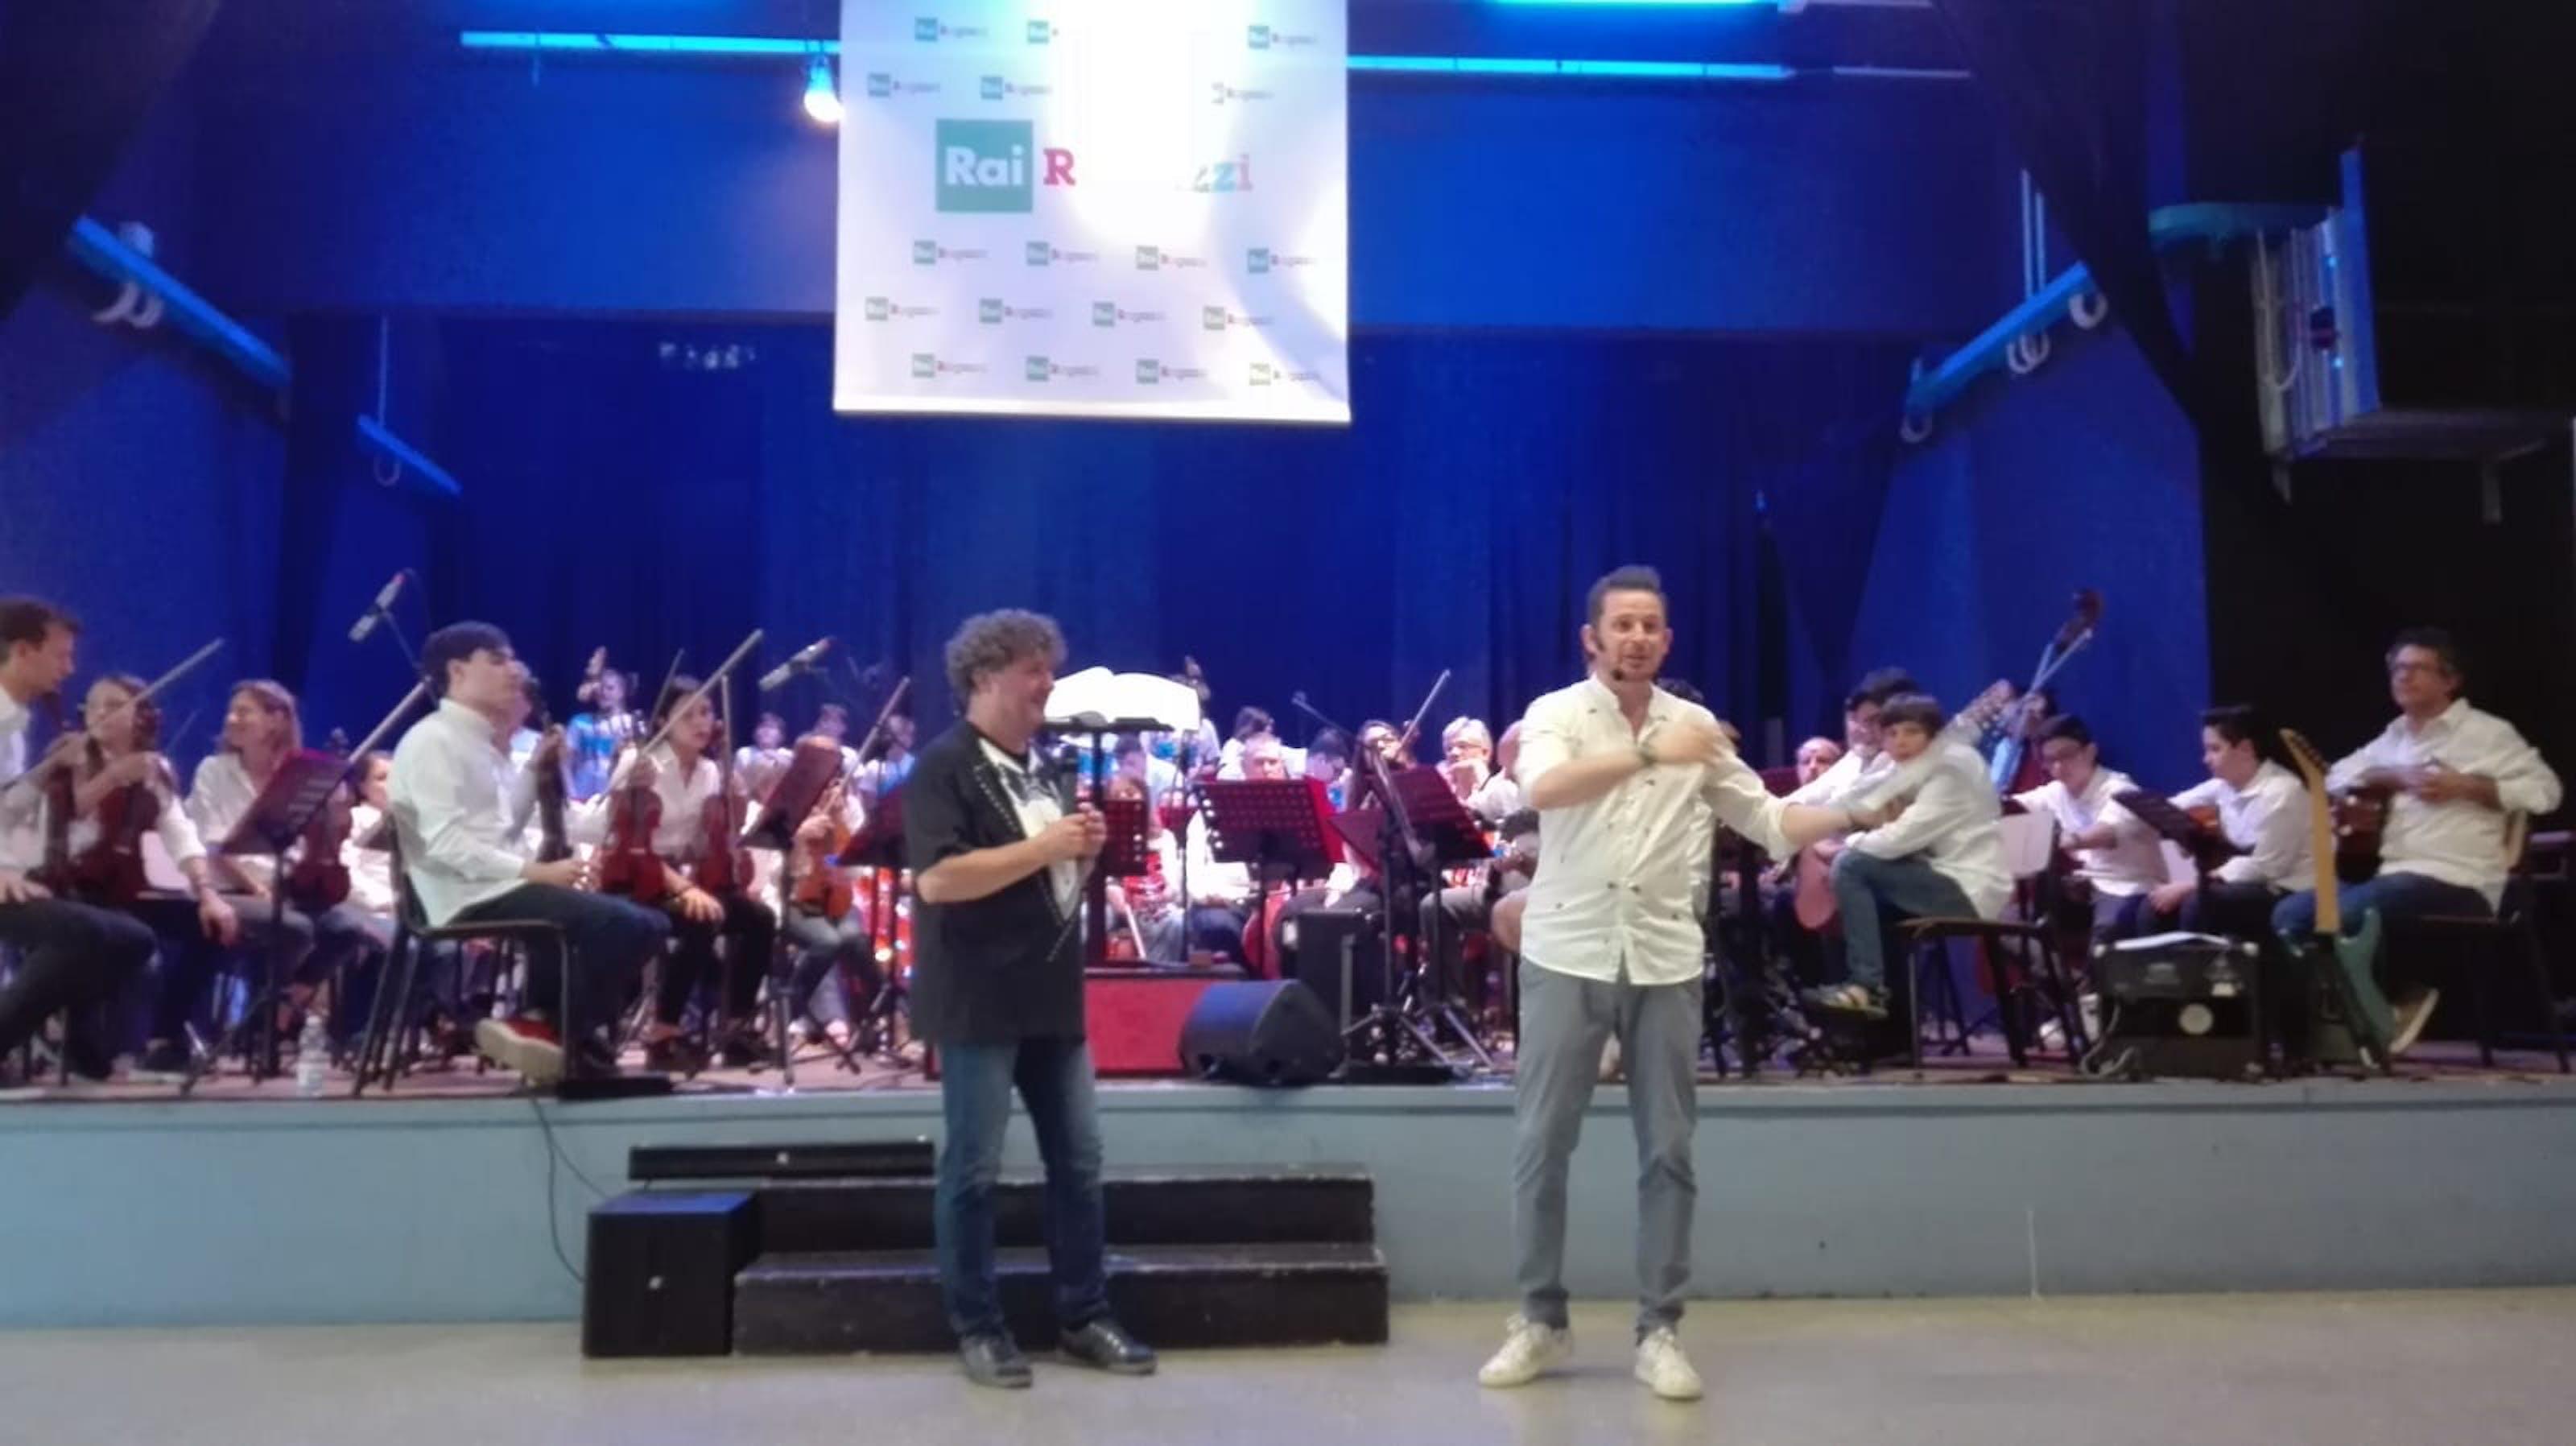 Organizzato da Rai Ragazzi a Torino, nella Giornata internazionale della Musica, un concerto per i figli e le famiglie dei detenuti